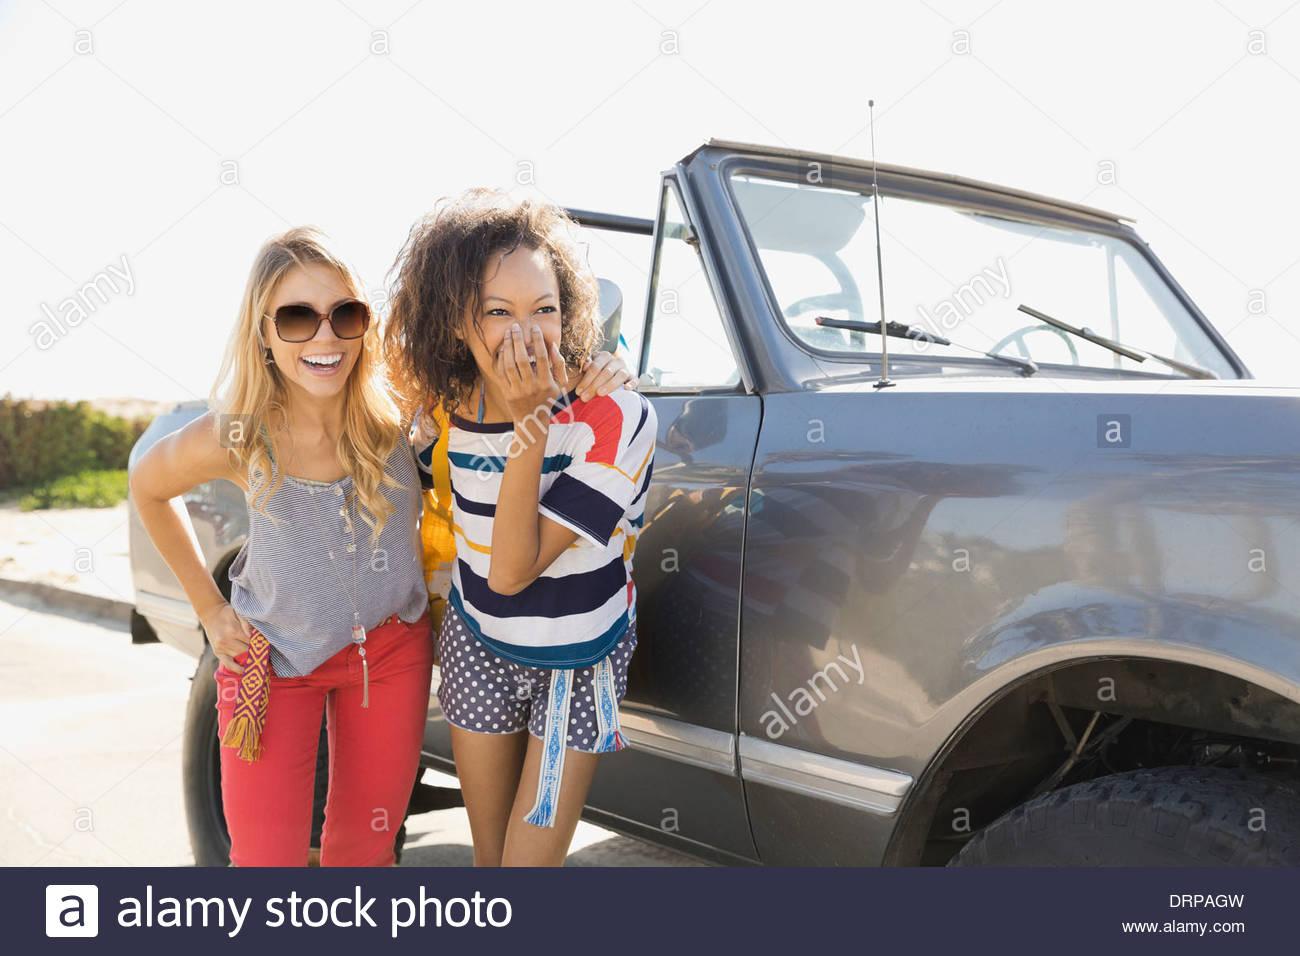 Fröhliche Freundinnen stehend mit einem Off-Road-Fahrzeug Stockbild